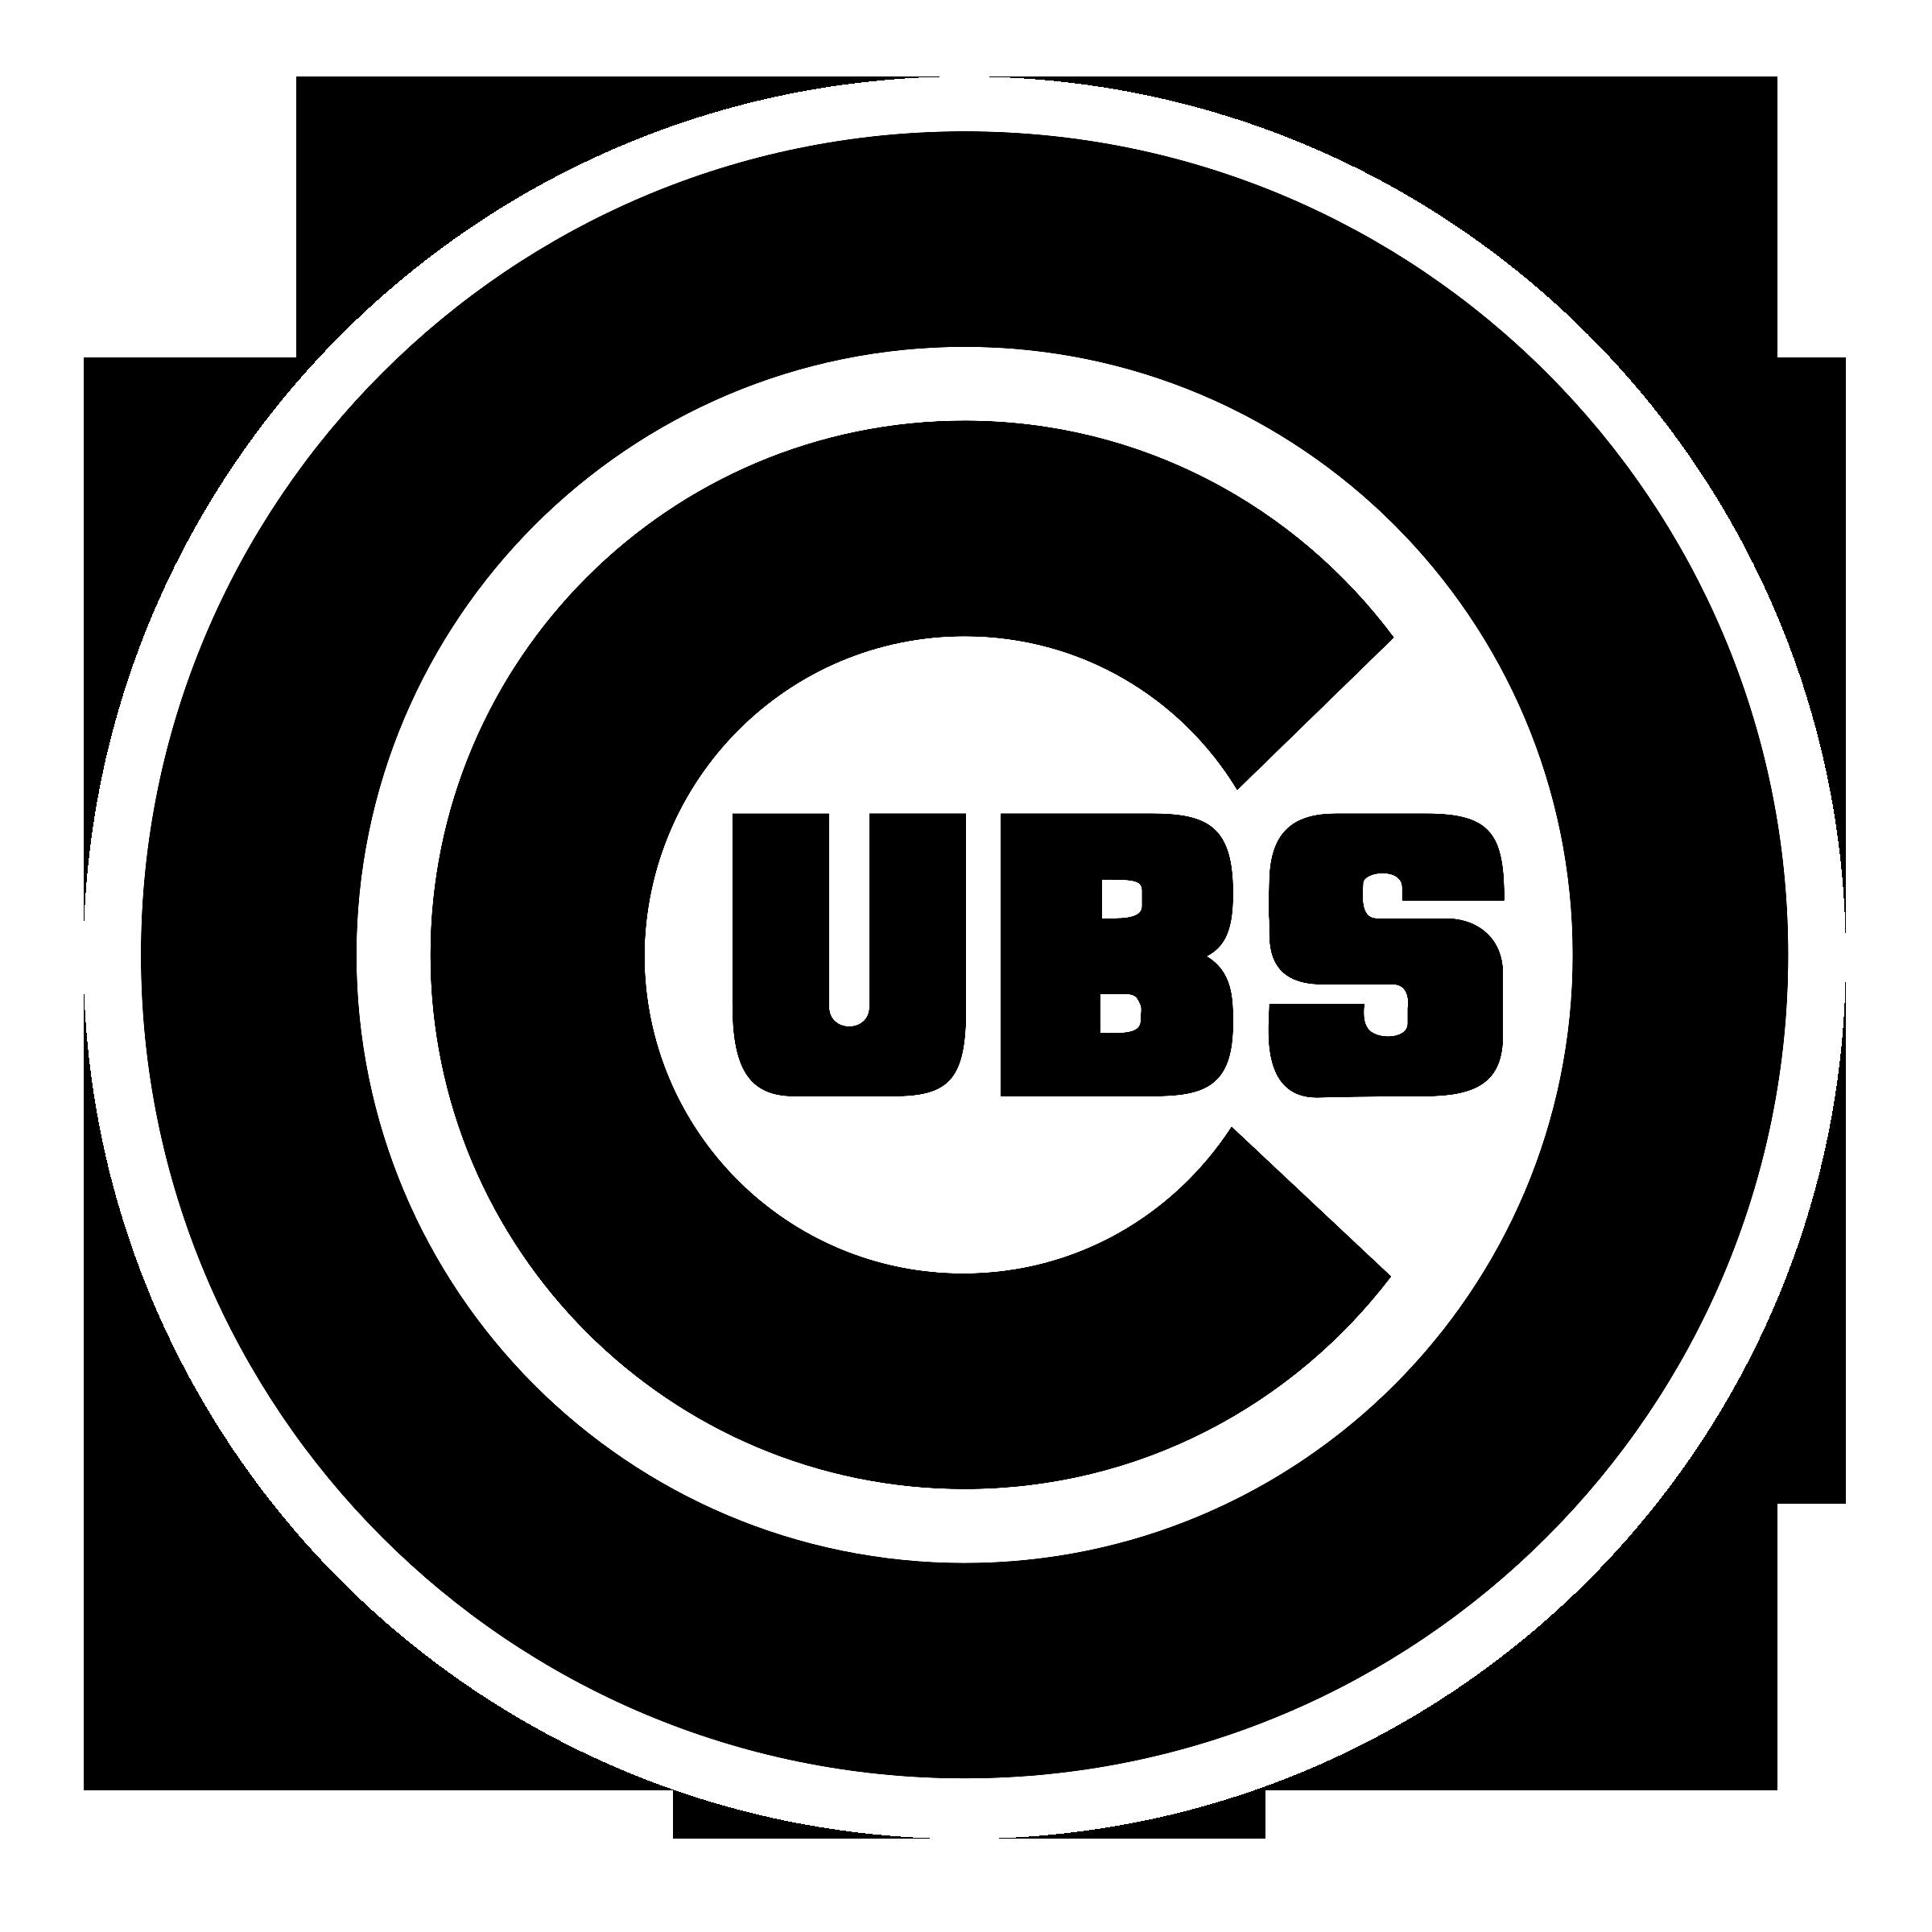 Chicago Cubs Logo Png Transparent Svg Vector Freebie Supply Chicago Cubs Logo Chicago Cubs Logos